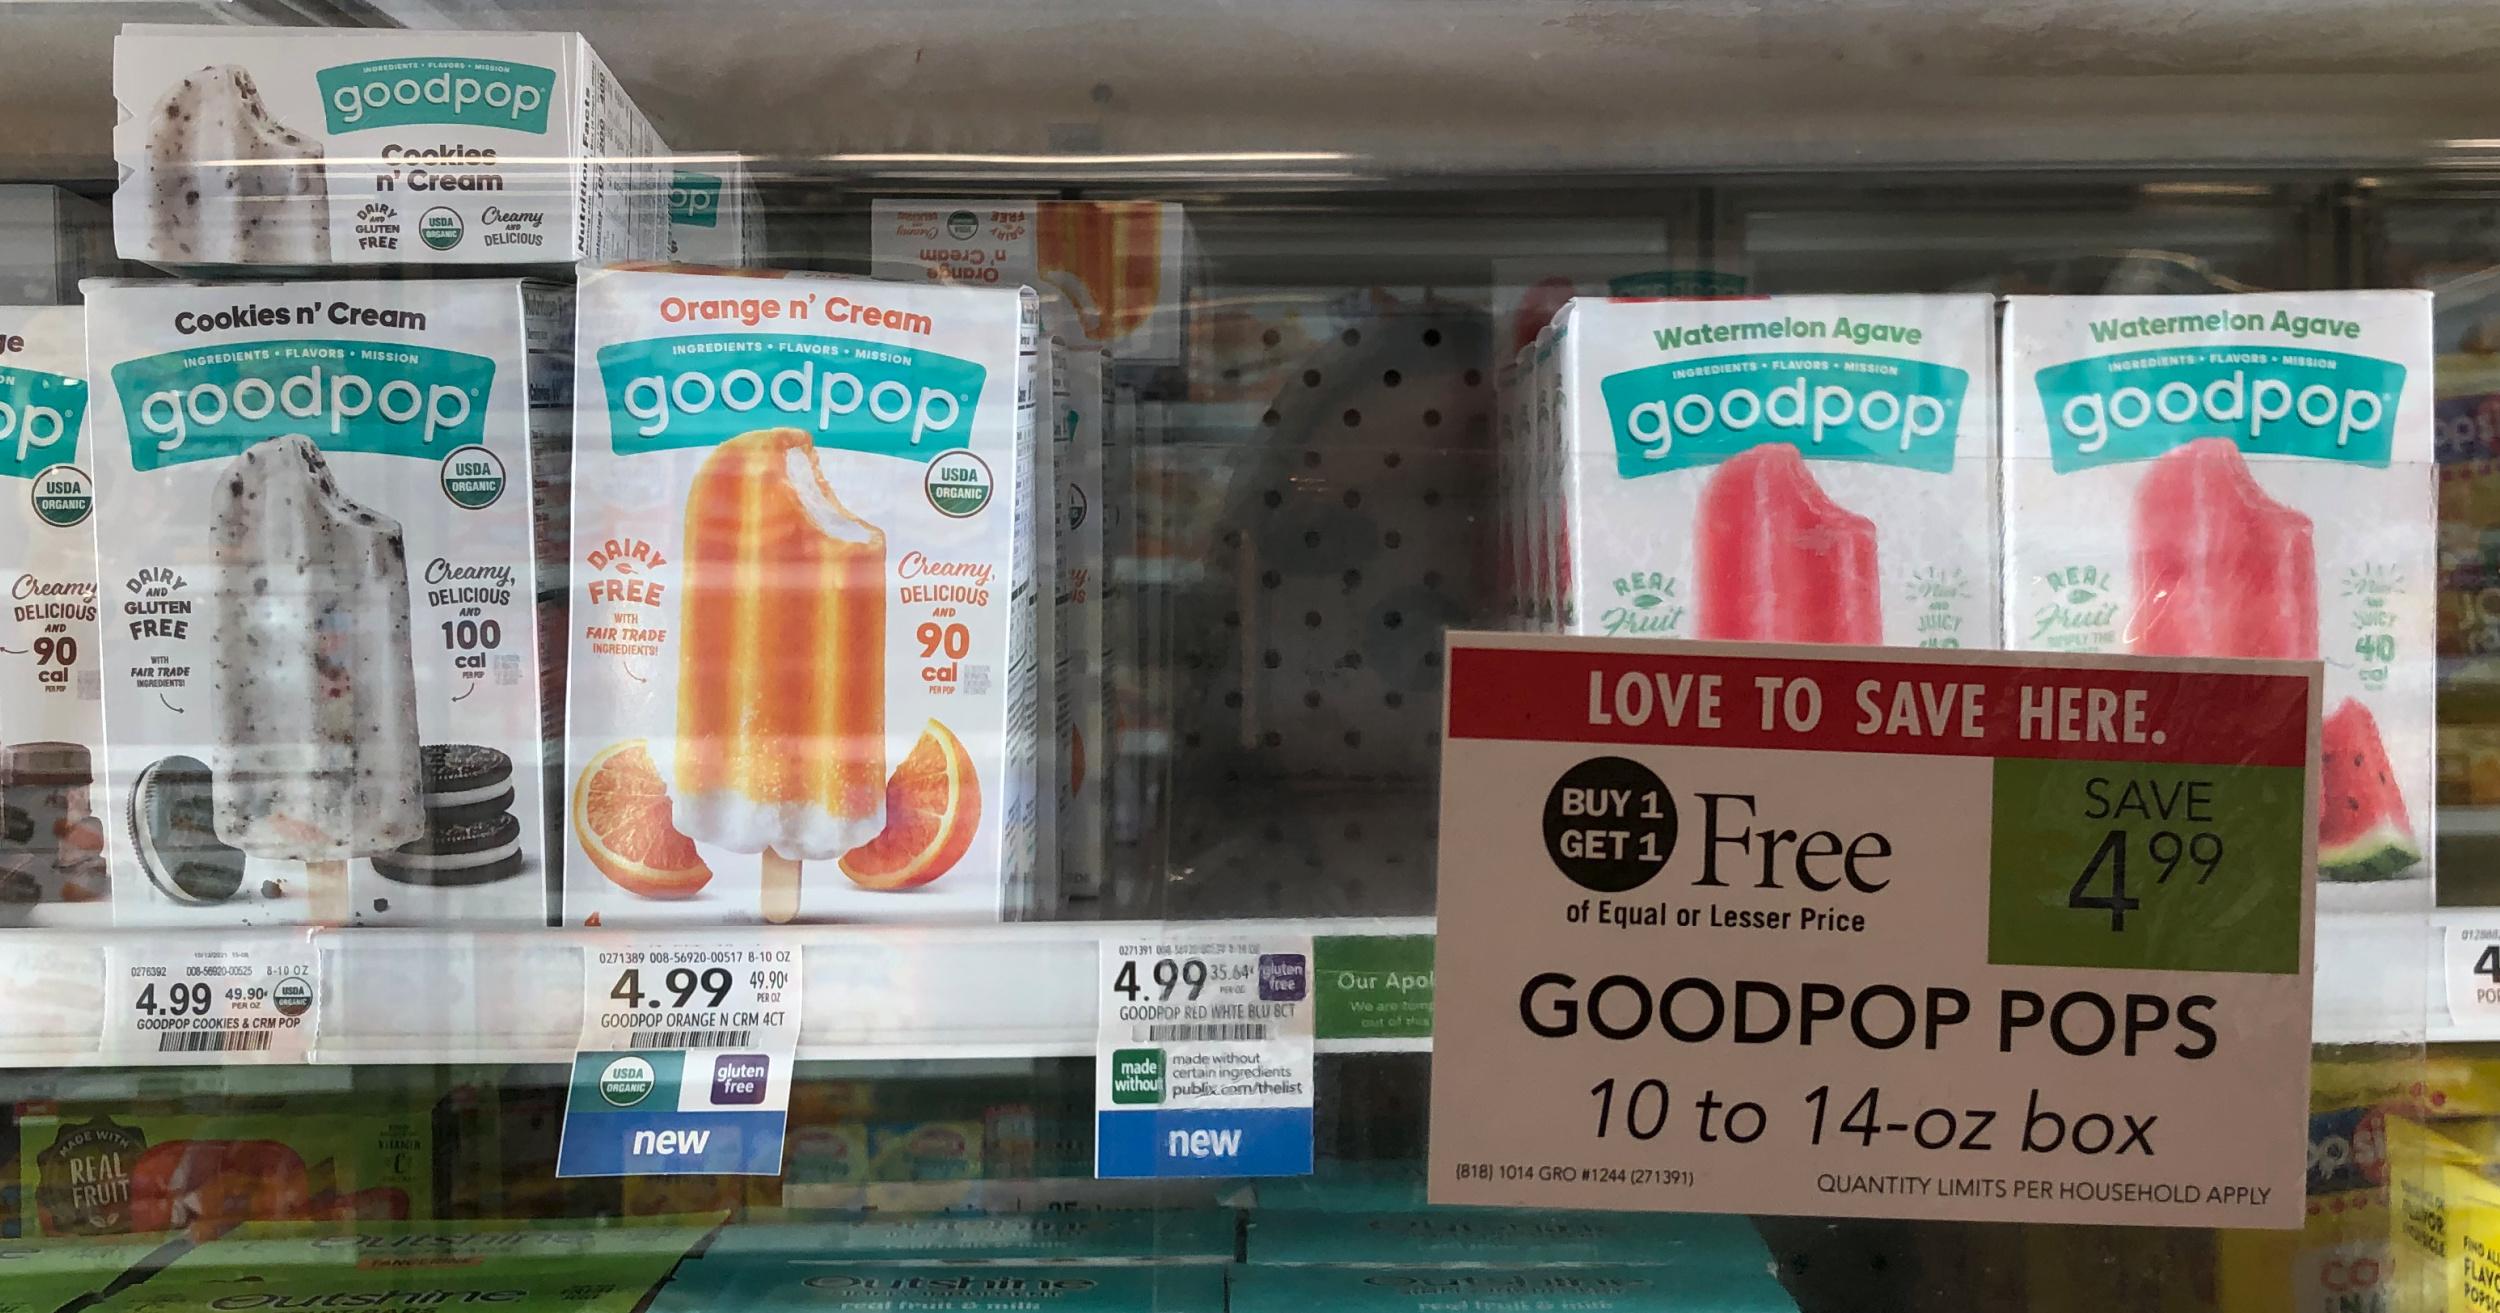 GoodPop Pops Just $1.50 At Publix on I Heart Publix